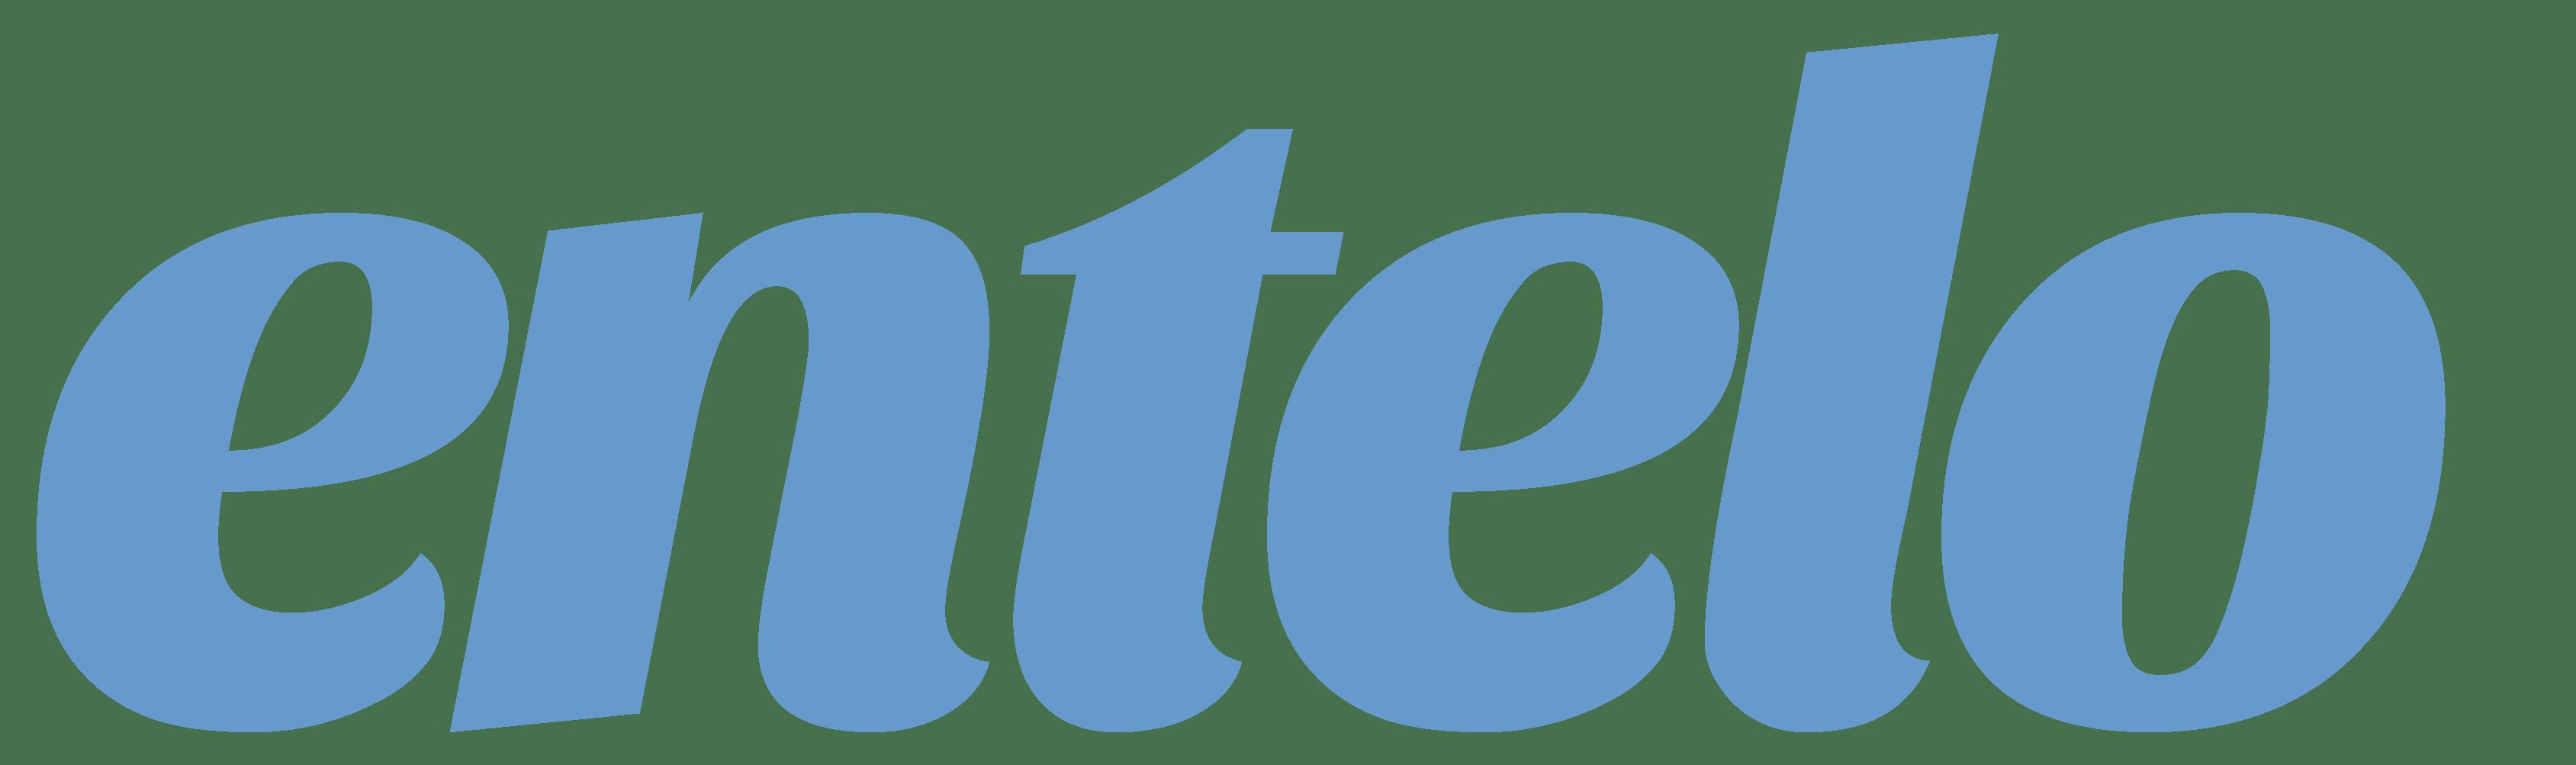 Entelo company logo